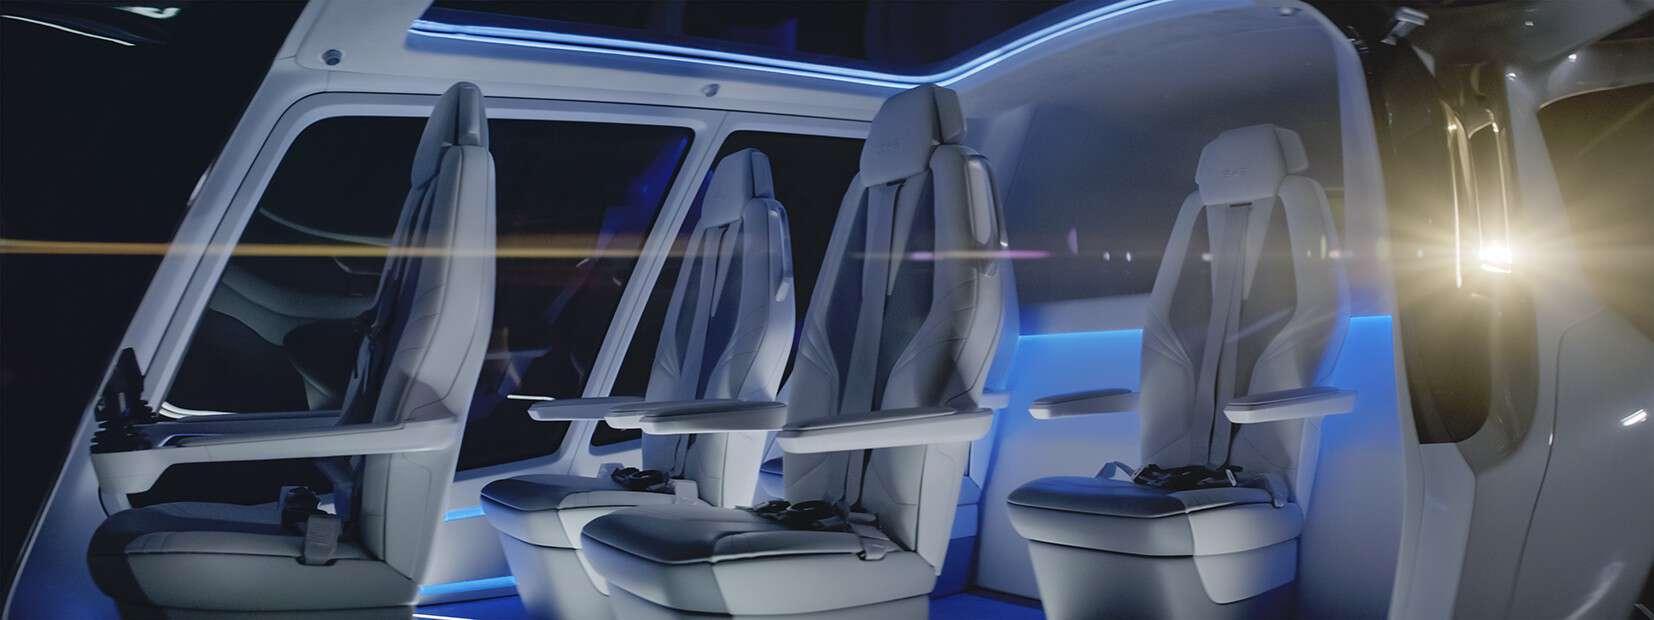 bmw skai flying car 8